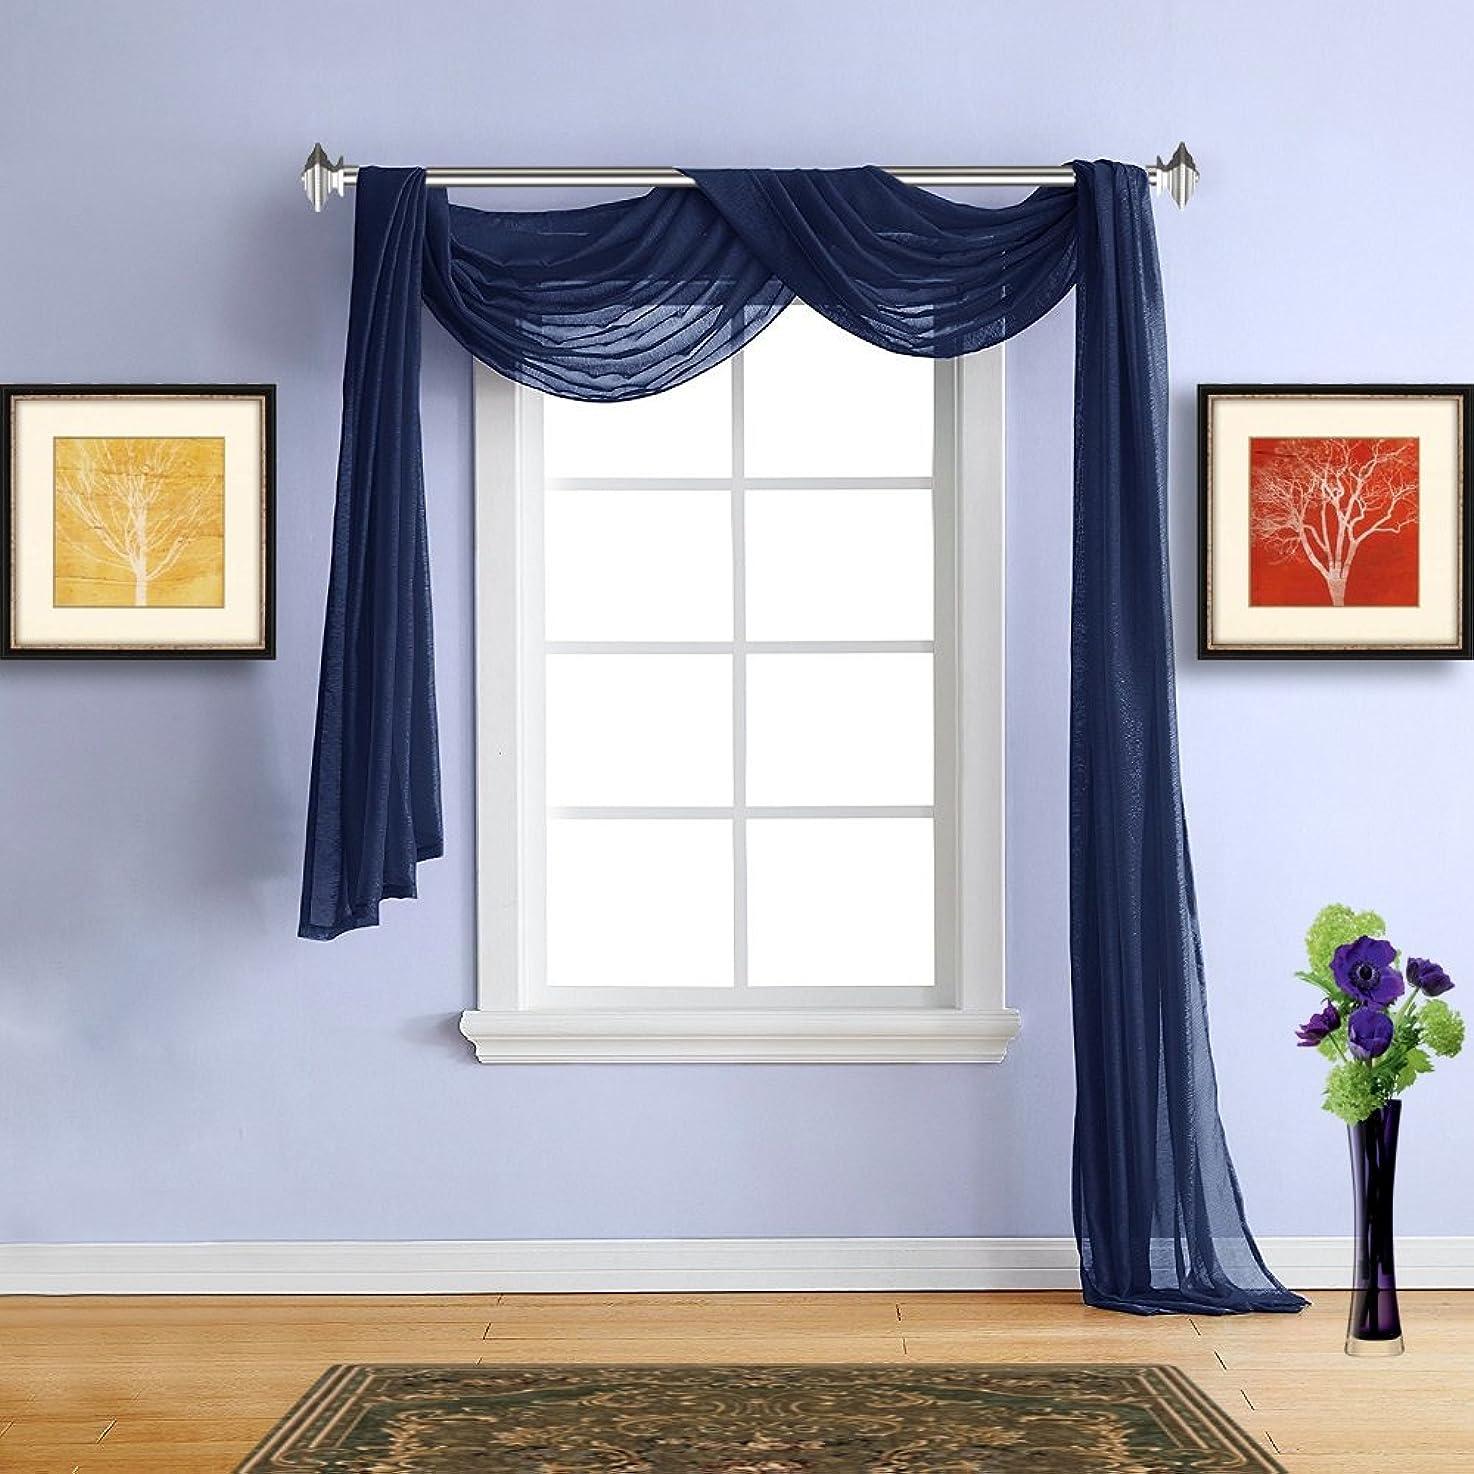 小麦粉不定立ち寄るWarm Home Designs ボイルパネルカーテン 2枚組 標準サイズ 54インチ(幅) x 84インチ(長さ) 薄手のウィンドウカーテン2枚のエレガントなボイルパネルカーテン。合計108インチの幅?–?KARINA。 1 Extra Long Scarf: 54